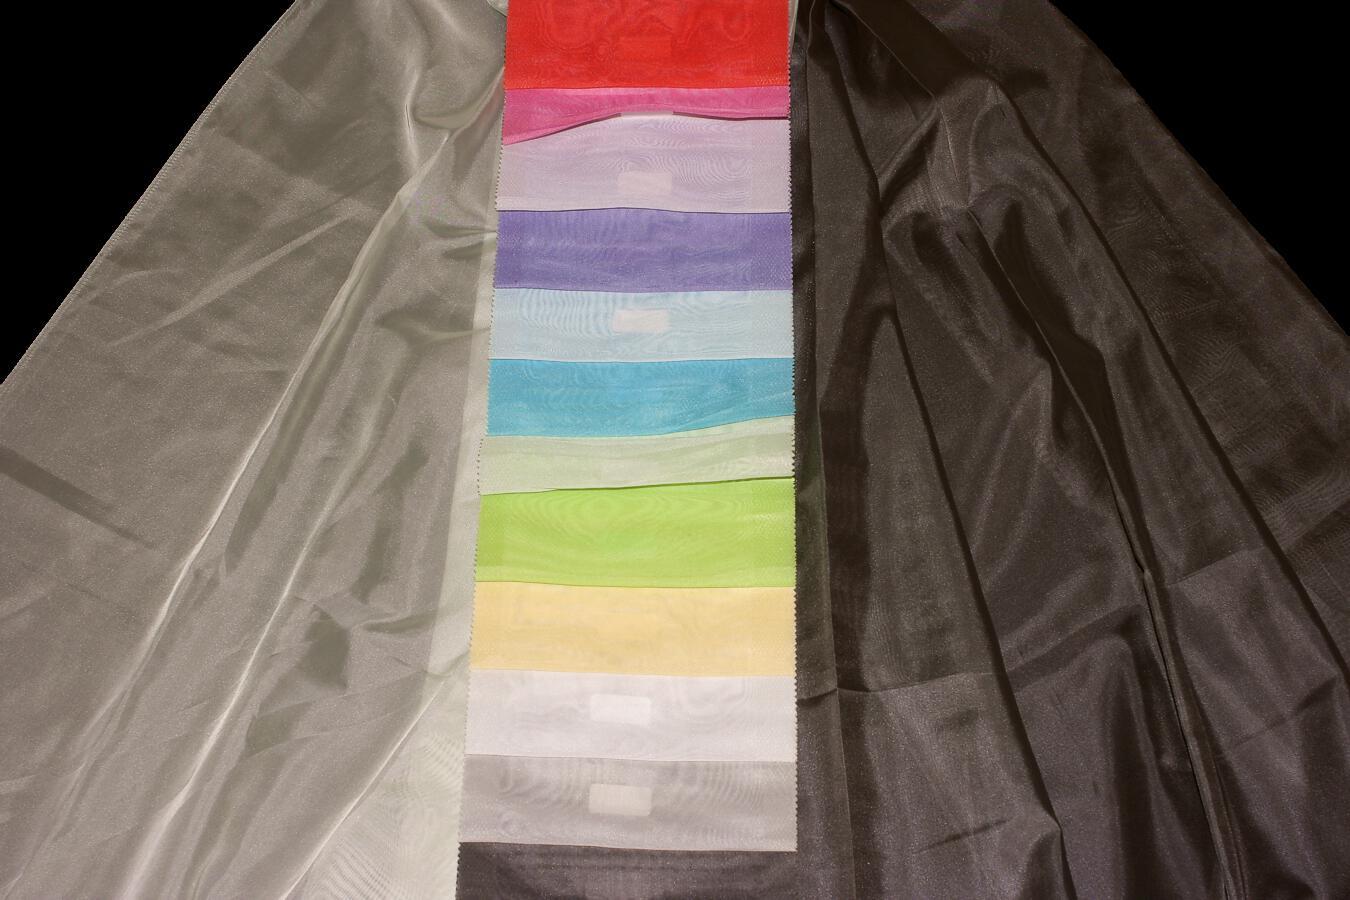 Záclona Renium 87 - NOVÁ BAREVNICE Výška: 320 cm 85 tmavě růžová